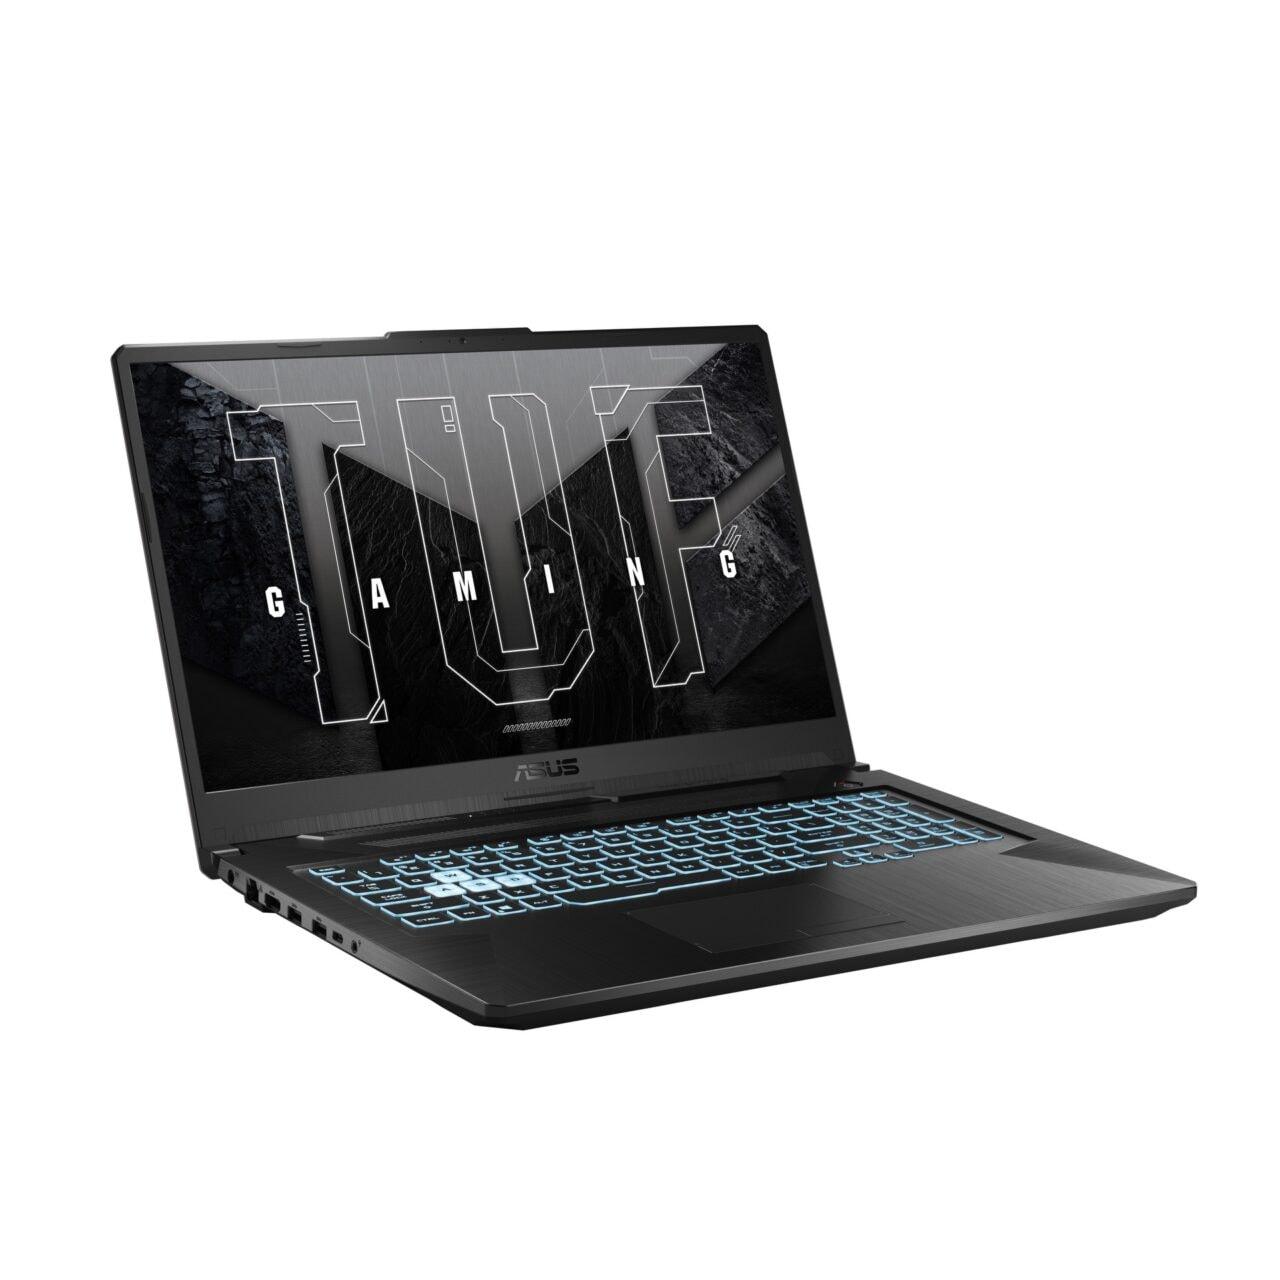 ASUS presenta i laptop da gaming TUF F15 e F17 con processori Intel e GeForce RTX serie 30 (foto)